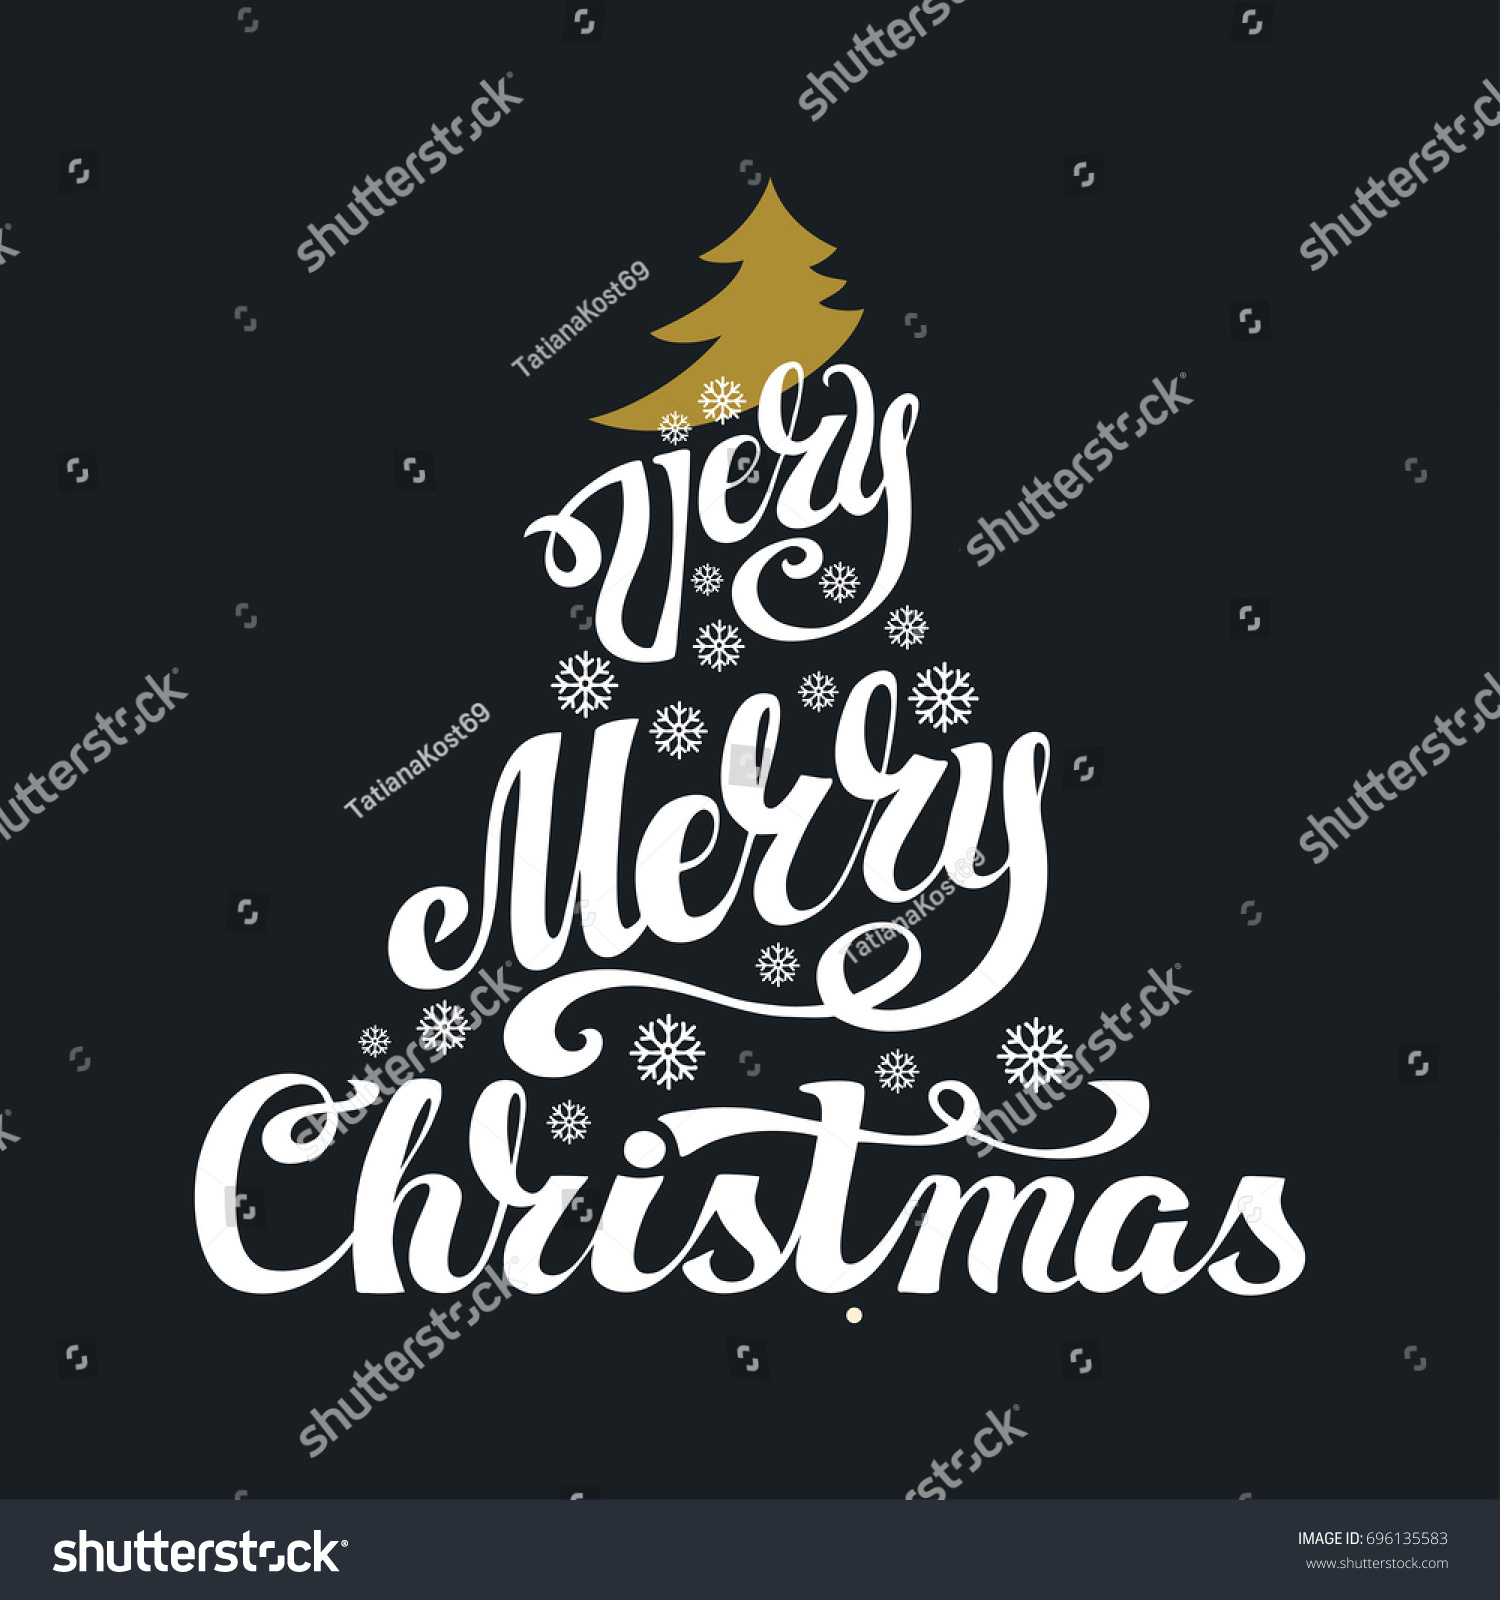 Christmas Greeting Card Merry Christmas Handwritting Stock